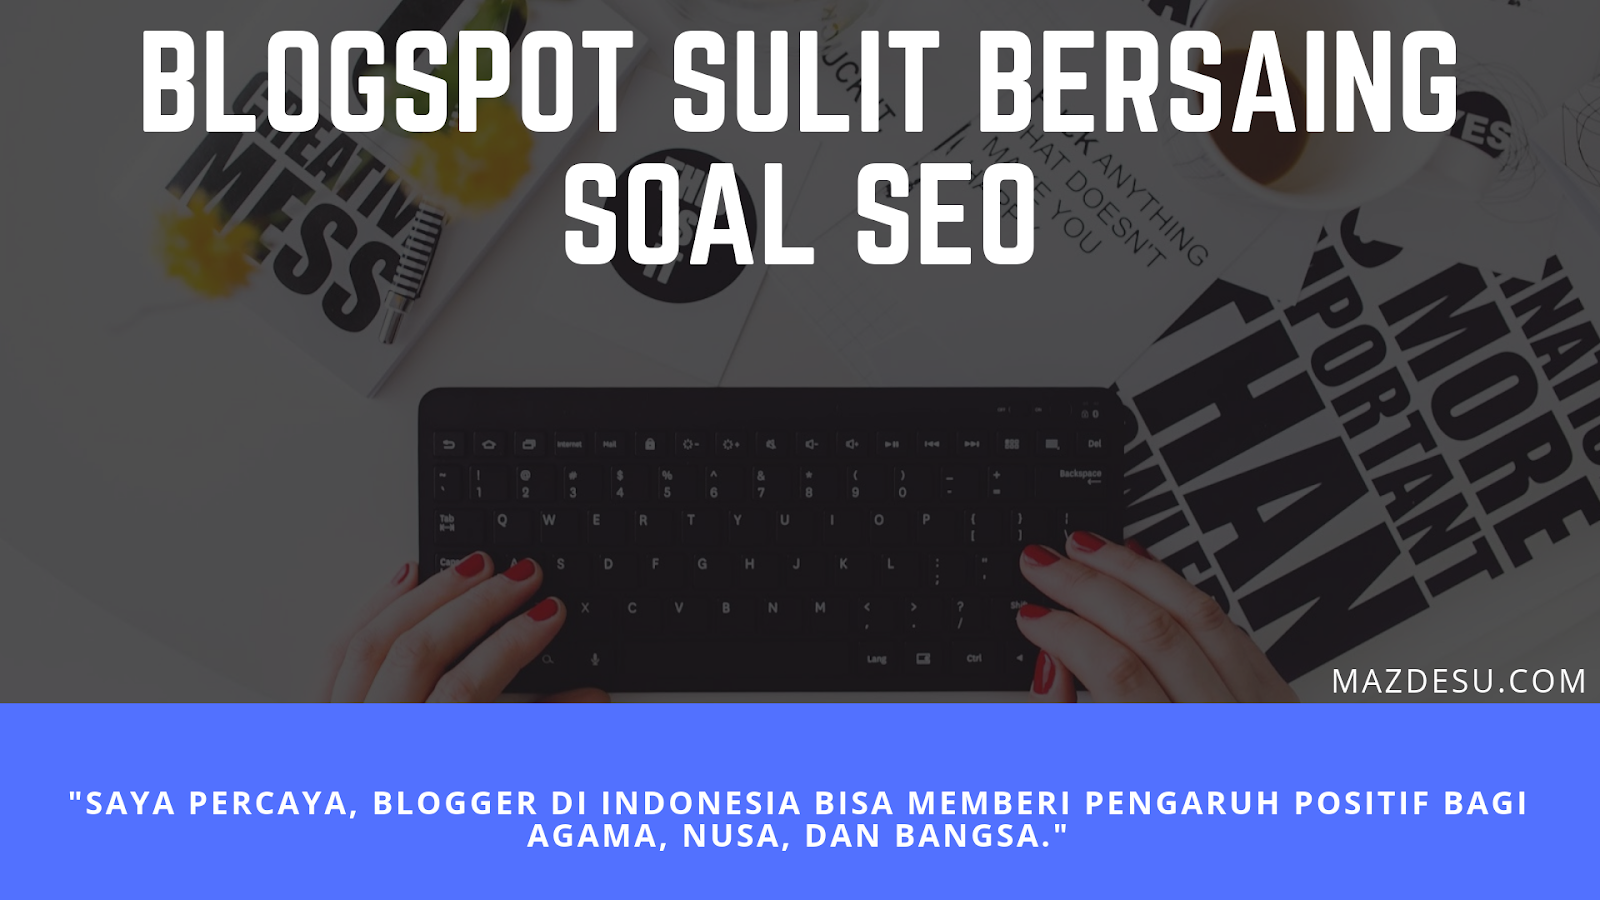 Blogspot sulit bersaing dalam hal SEO